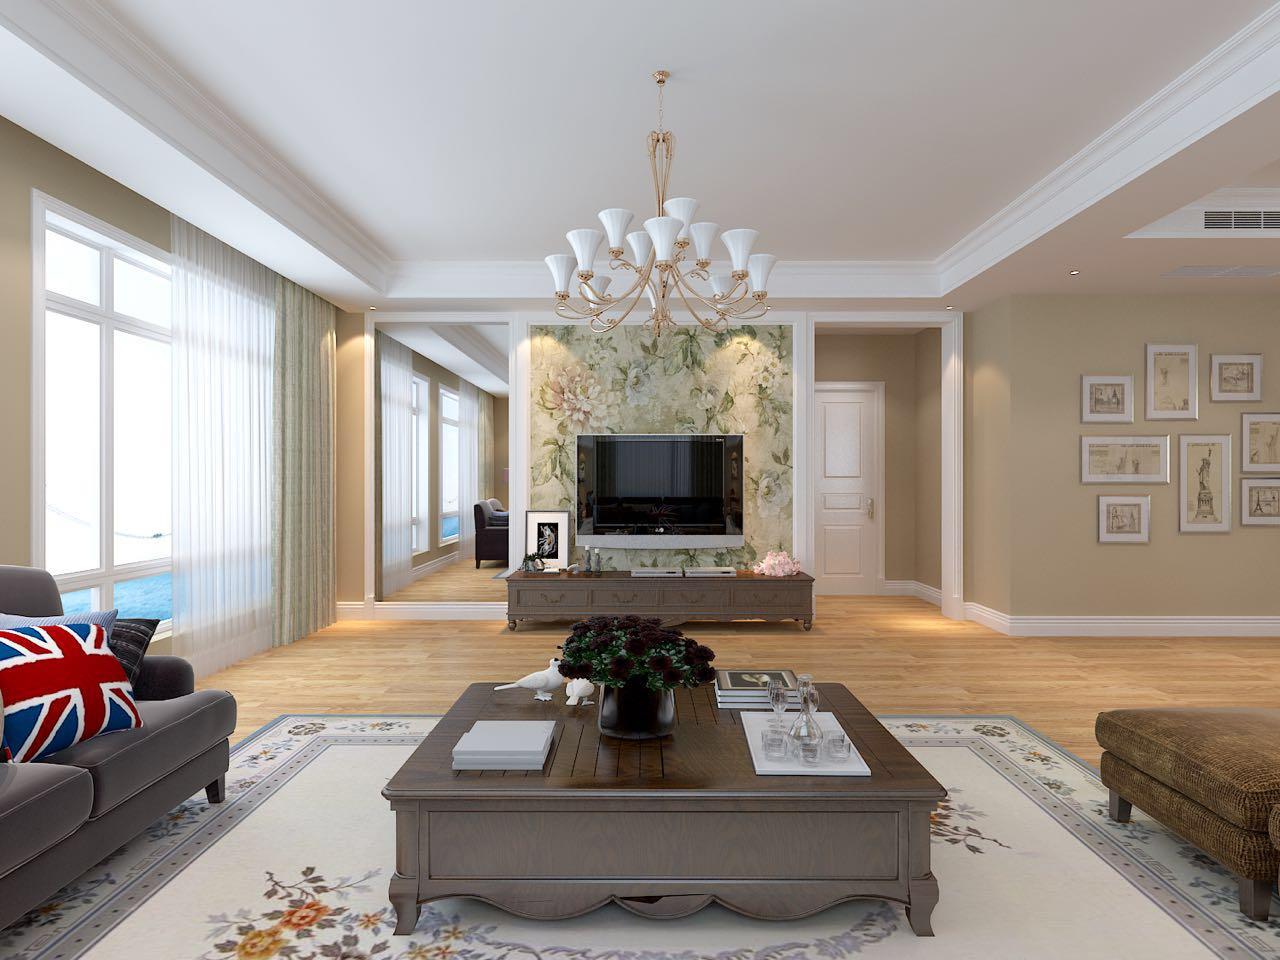 对于忙碌的现代人而言,现代简约似乎更受欢迎,简单明亮的舒适环境,足以让人消除一天的烦恼。它没有过多繁复的设计,以简洁的造型、纯洁的质地、精细的工艺为其特征,为现代人展现了更温馨舒适的居住环境。